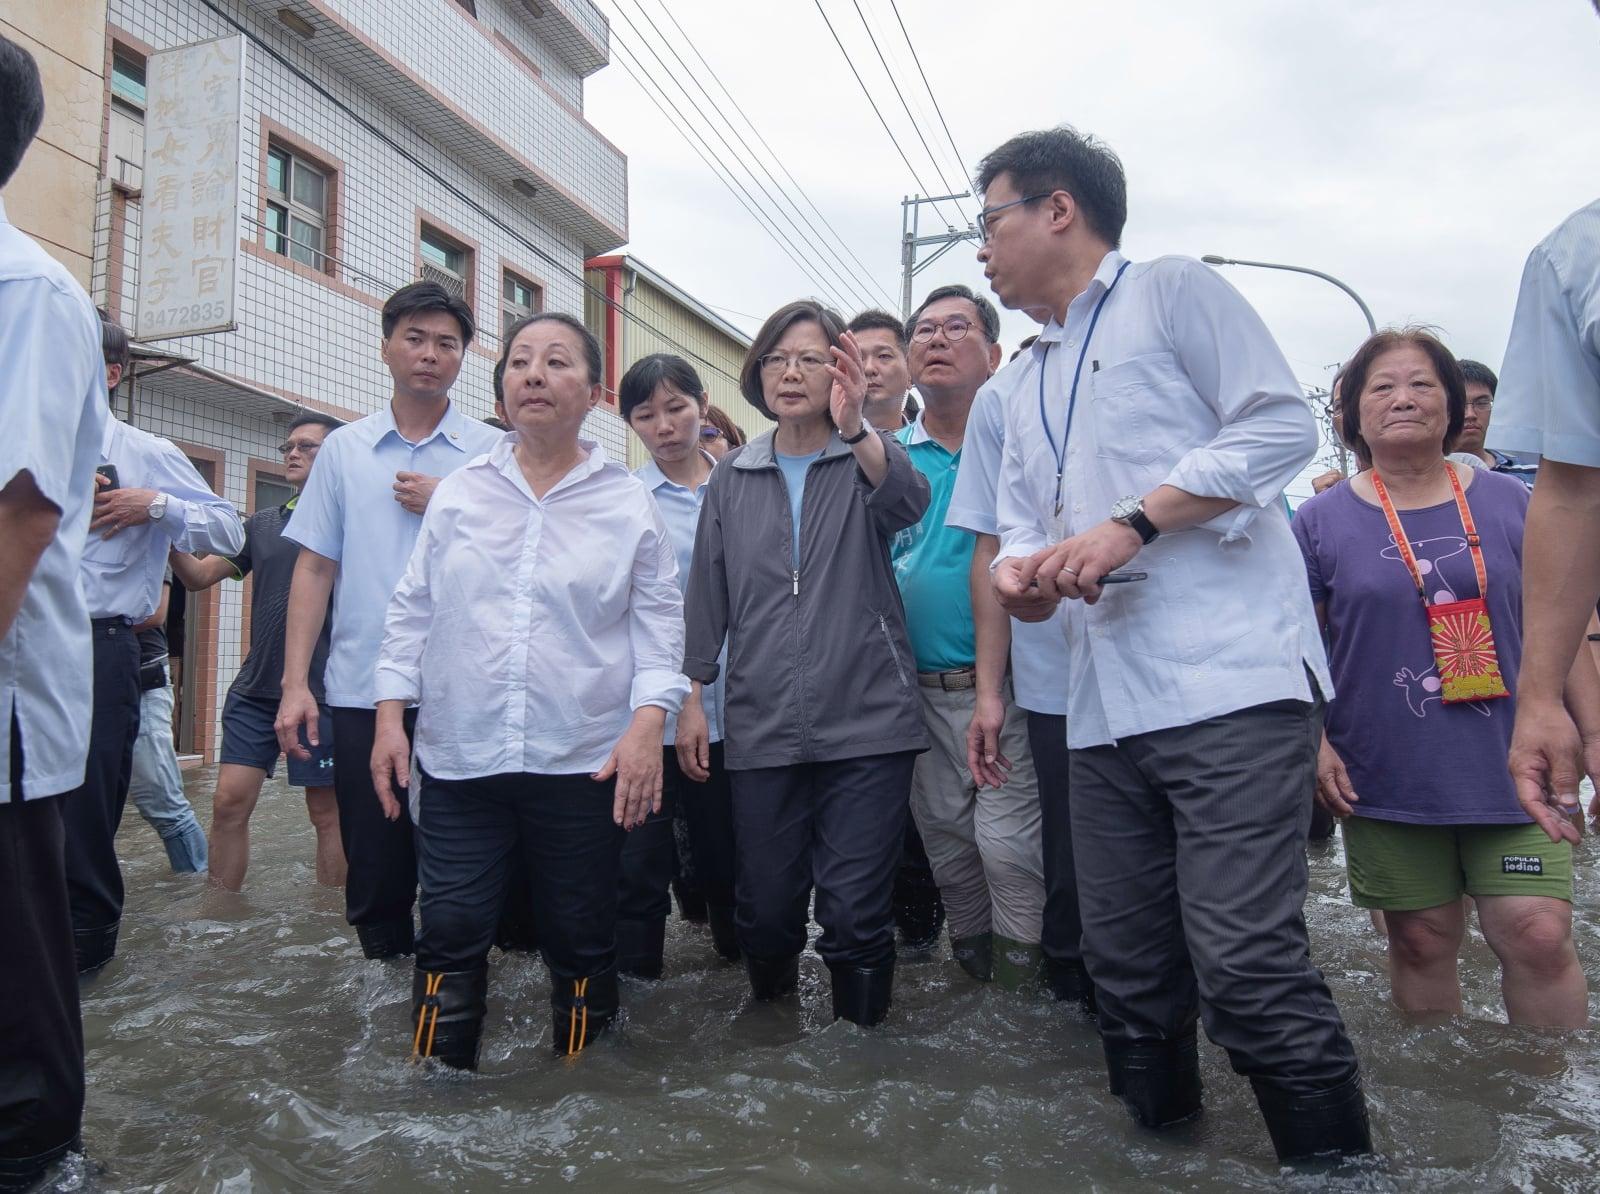 Powódź na Tajwanie   EPA/TAIWAN PRESIDENTIAL OFFICE